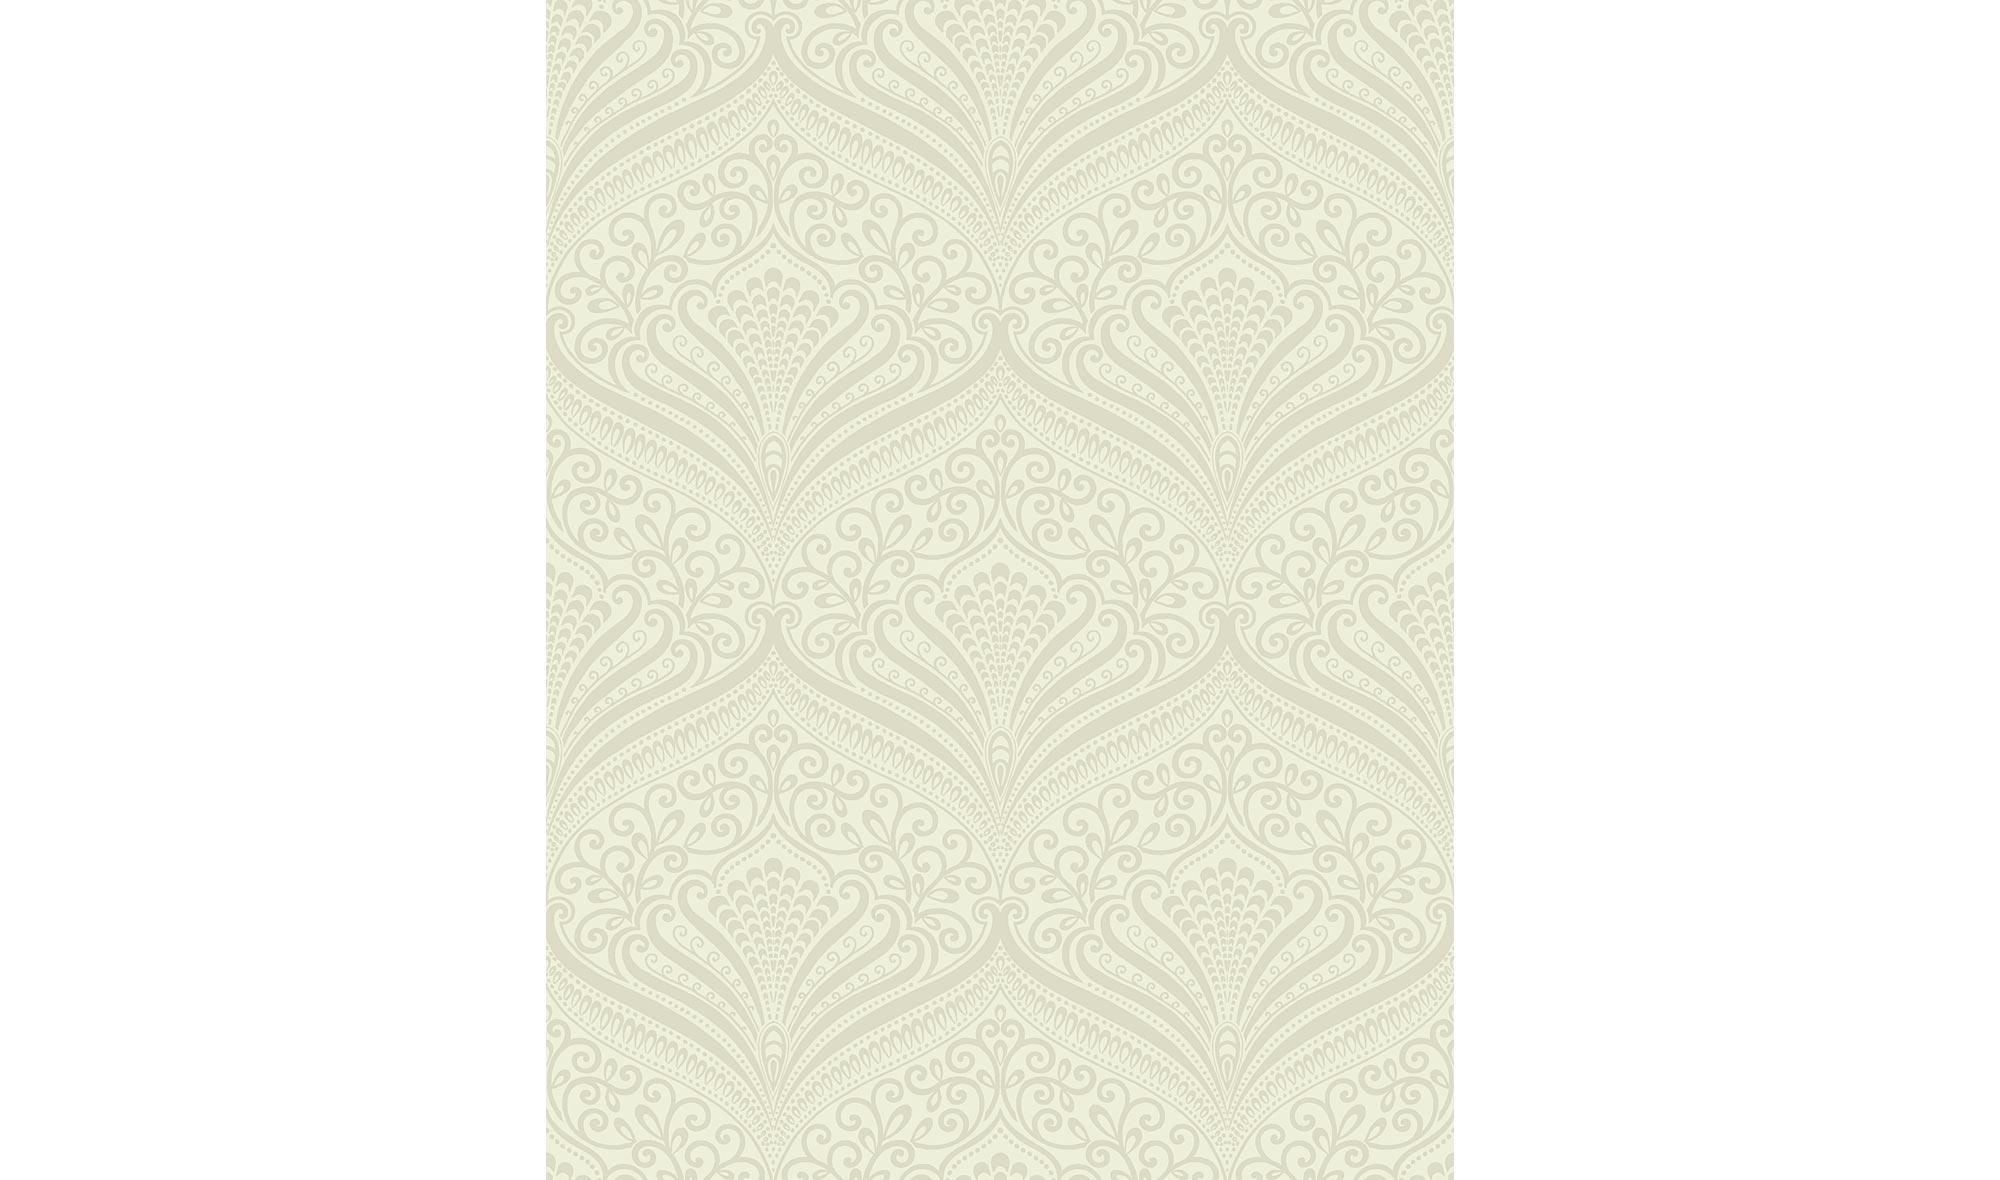 Rollo de papel pintado geom tricos en for Rollo papel pintado